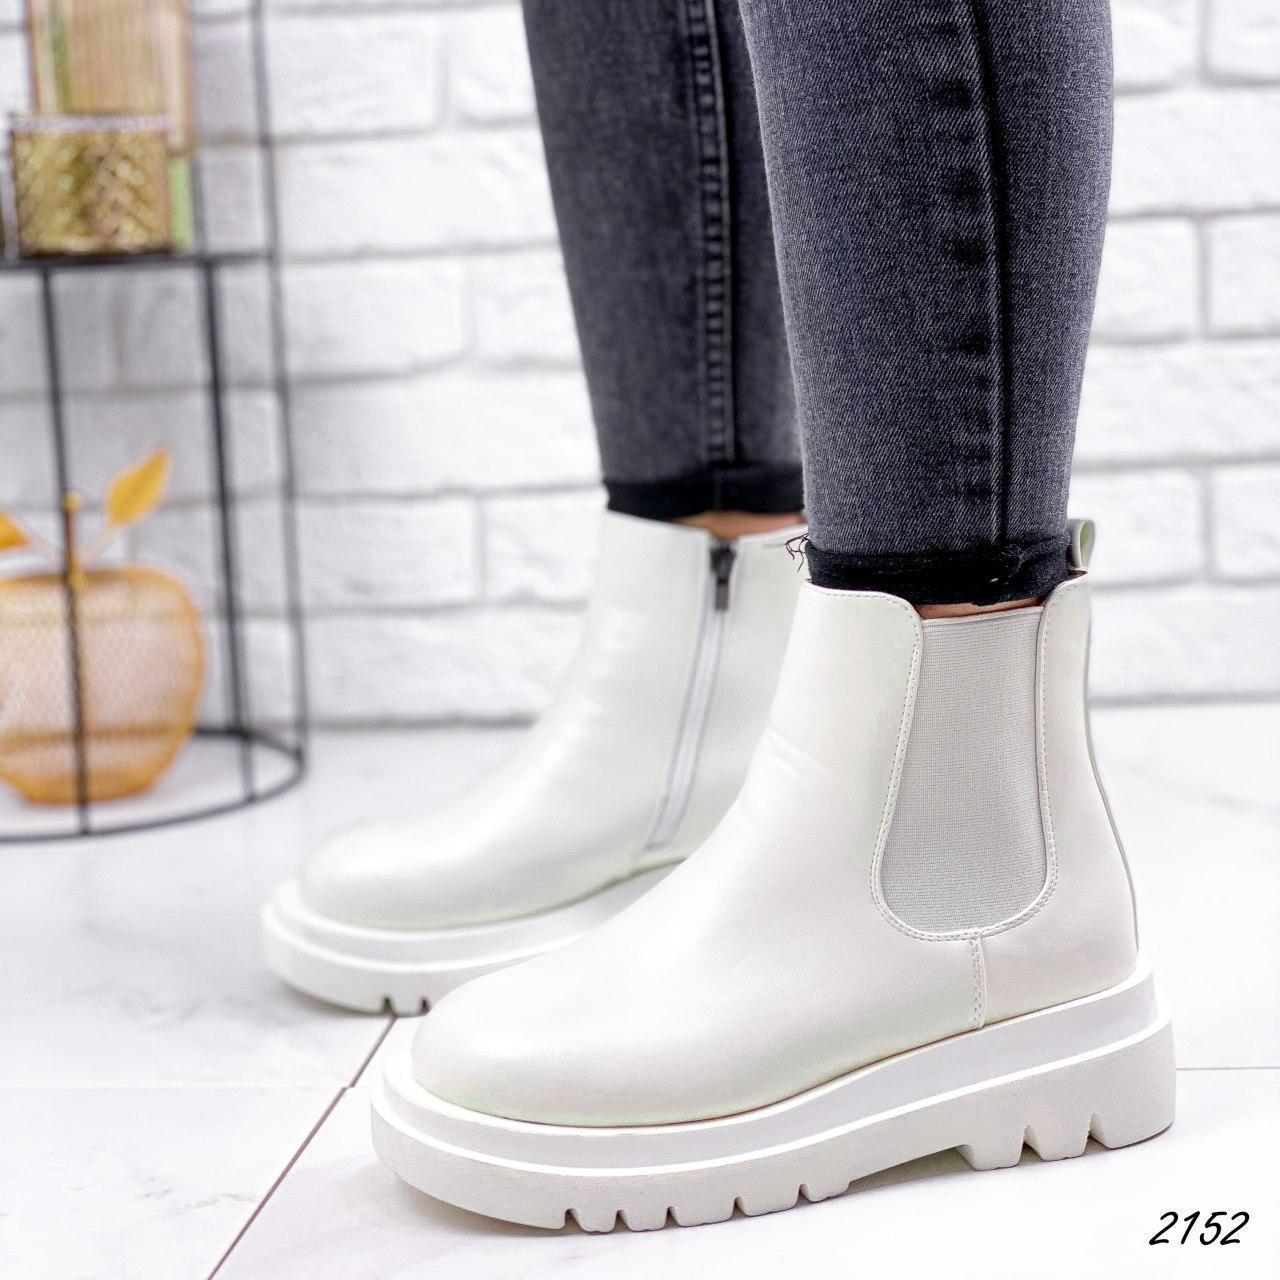 Ботинки женские белые, демисезонные из эко кожи. Черевики жіночі білі з еко шкіри утеплені